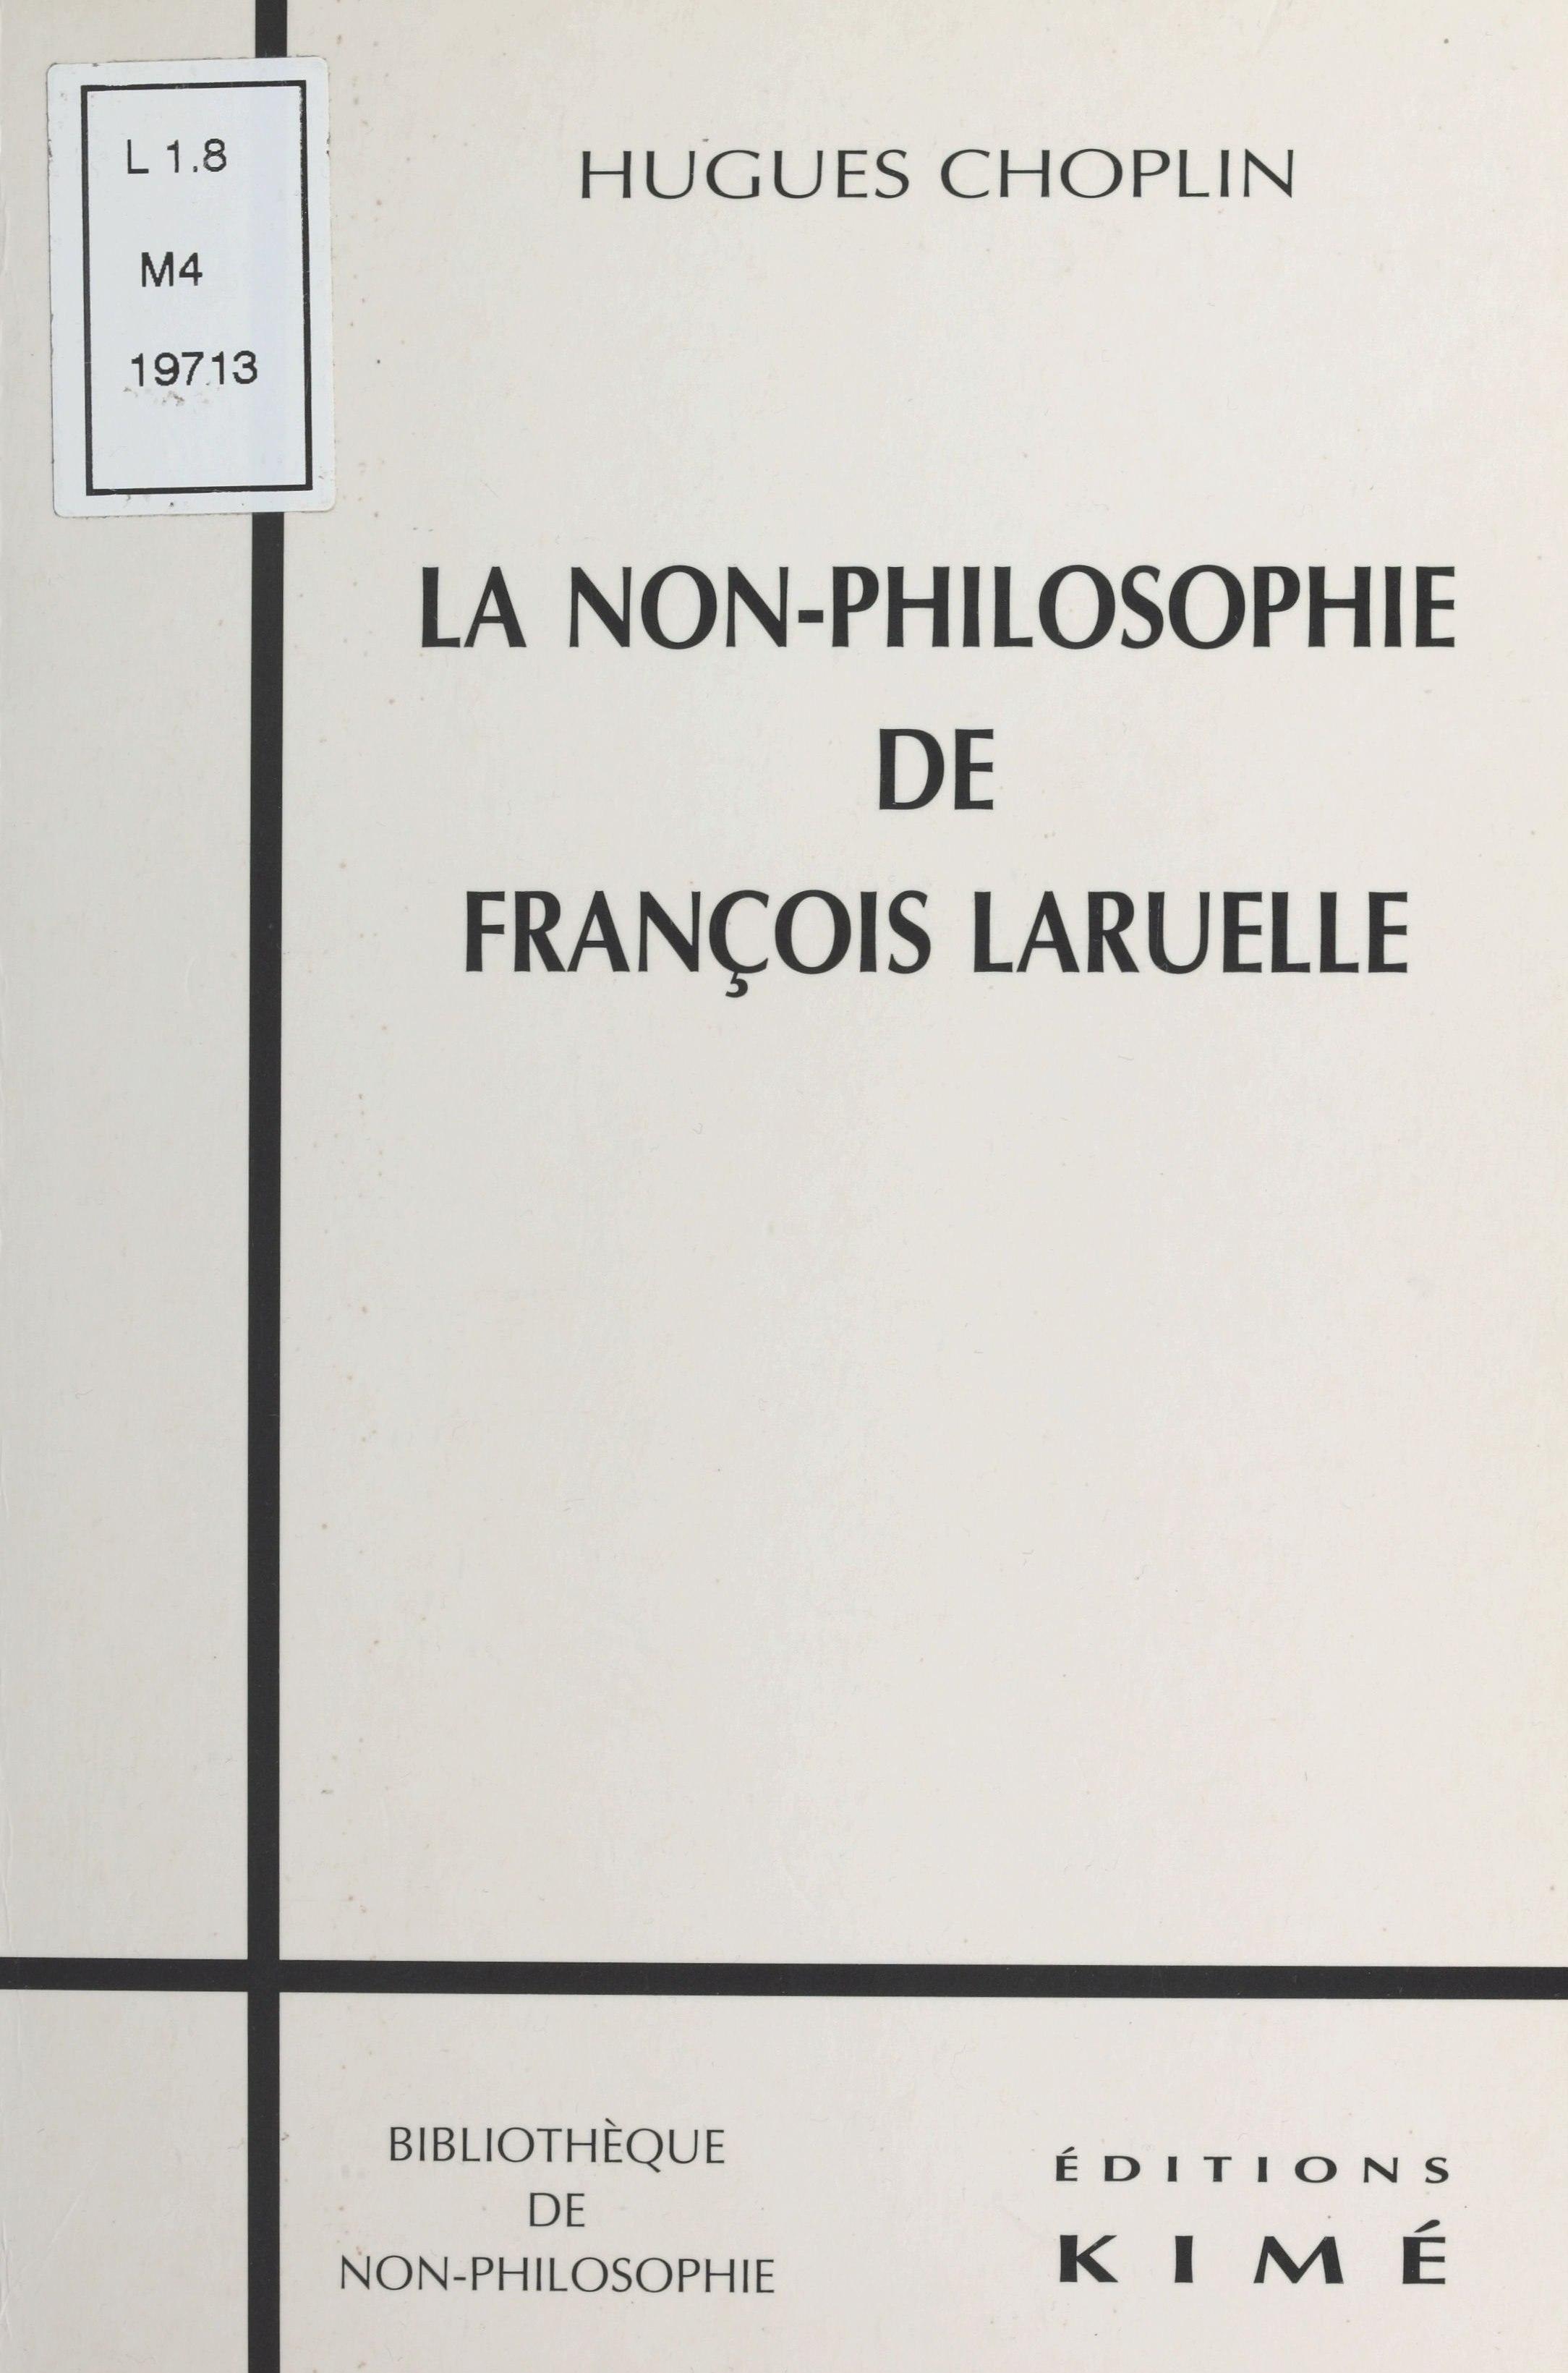 La Non-philosophie de François Laruelle